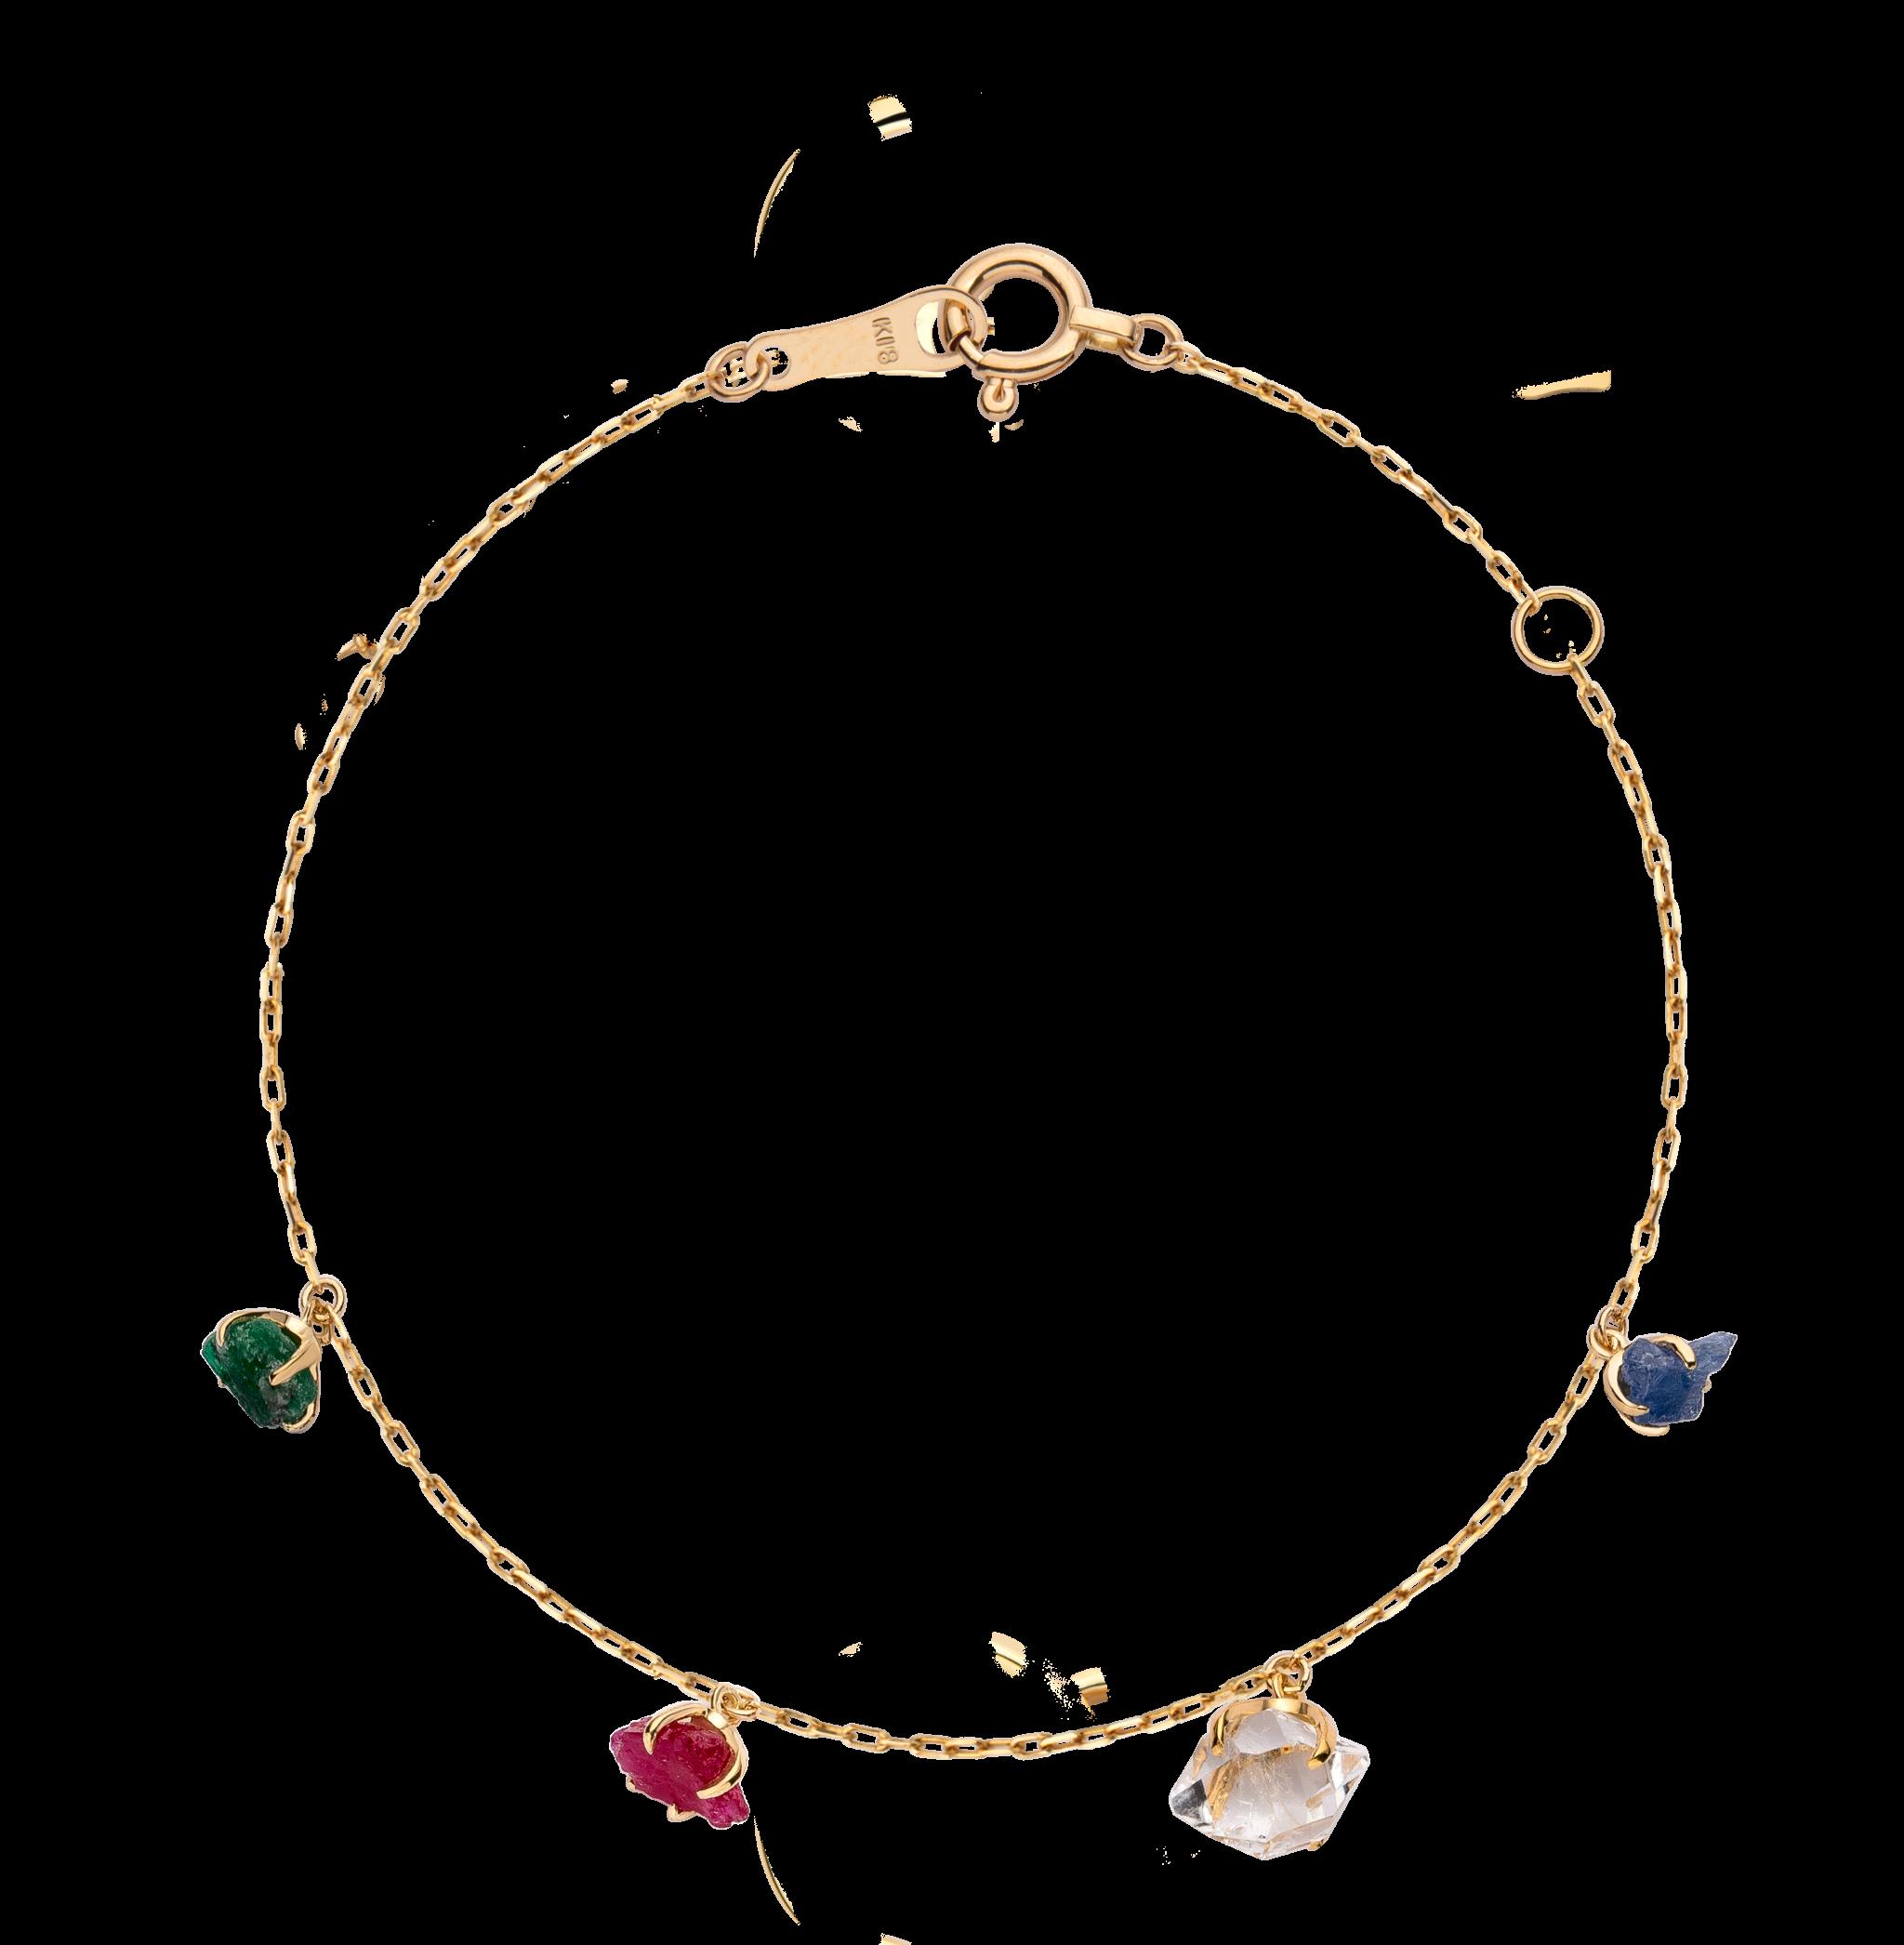 第一件珠宝 蜕变 Collection 18K黄金 彩宝手链 (原石版) 4199